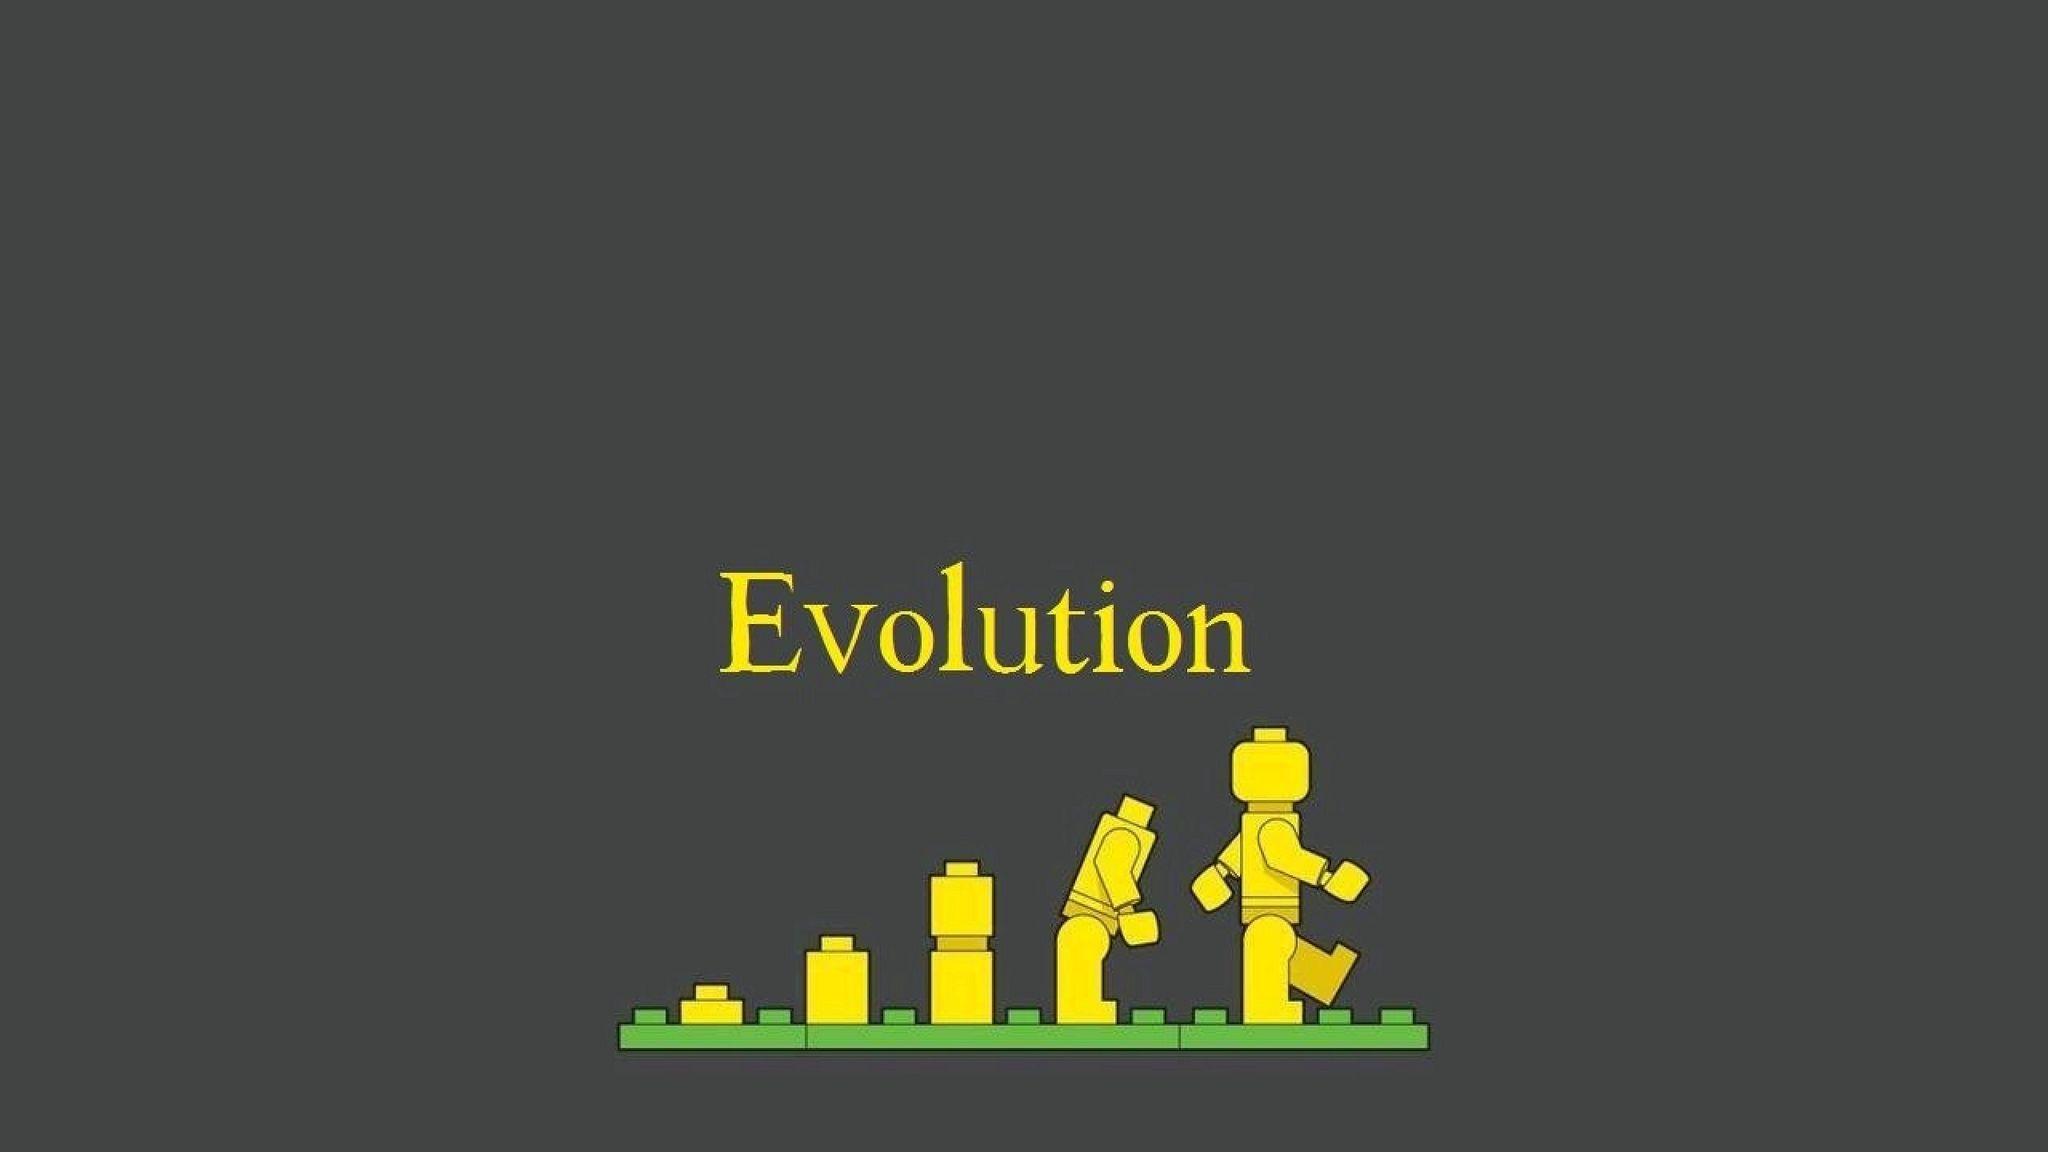 2048x1152 Wallpaper lego, evolution, development